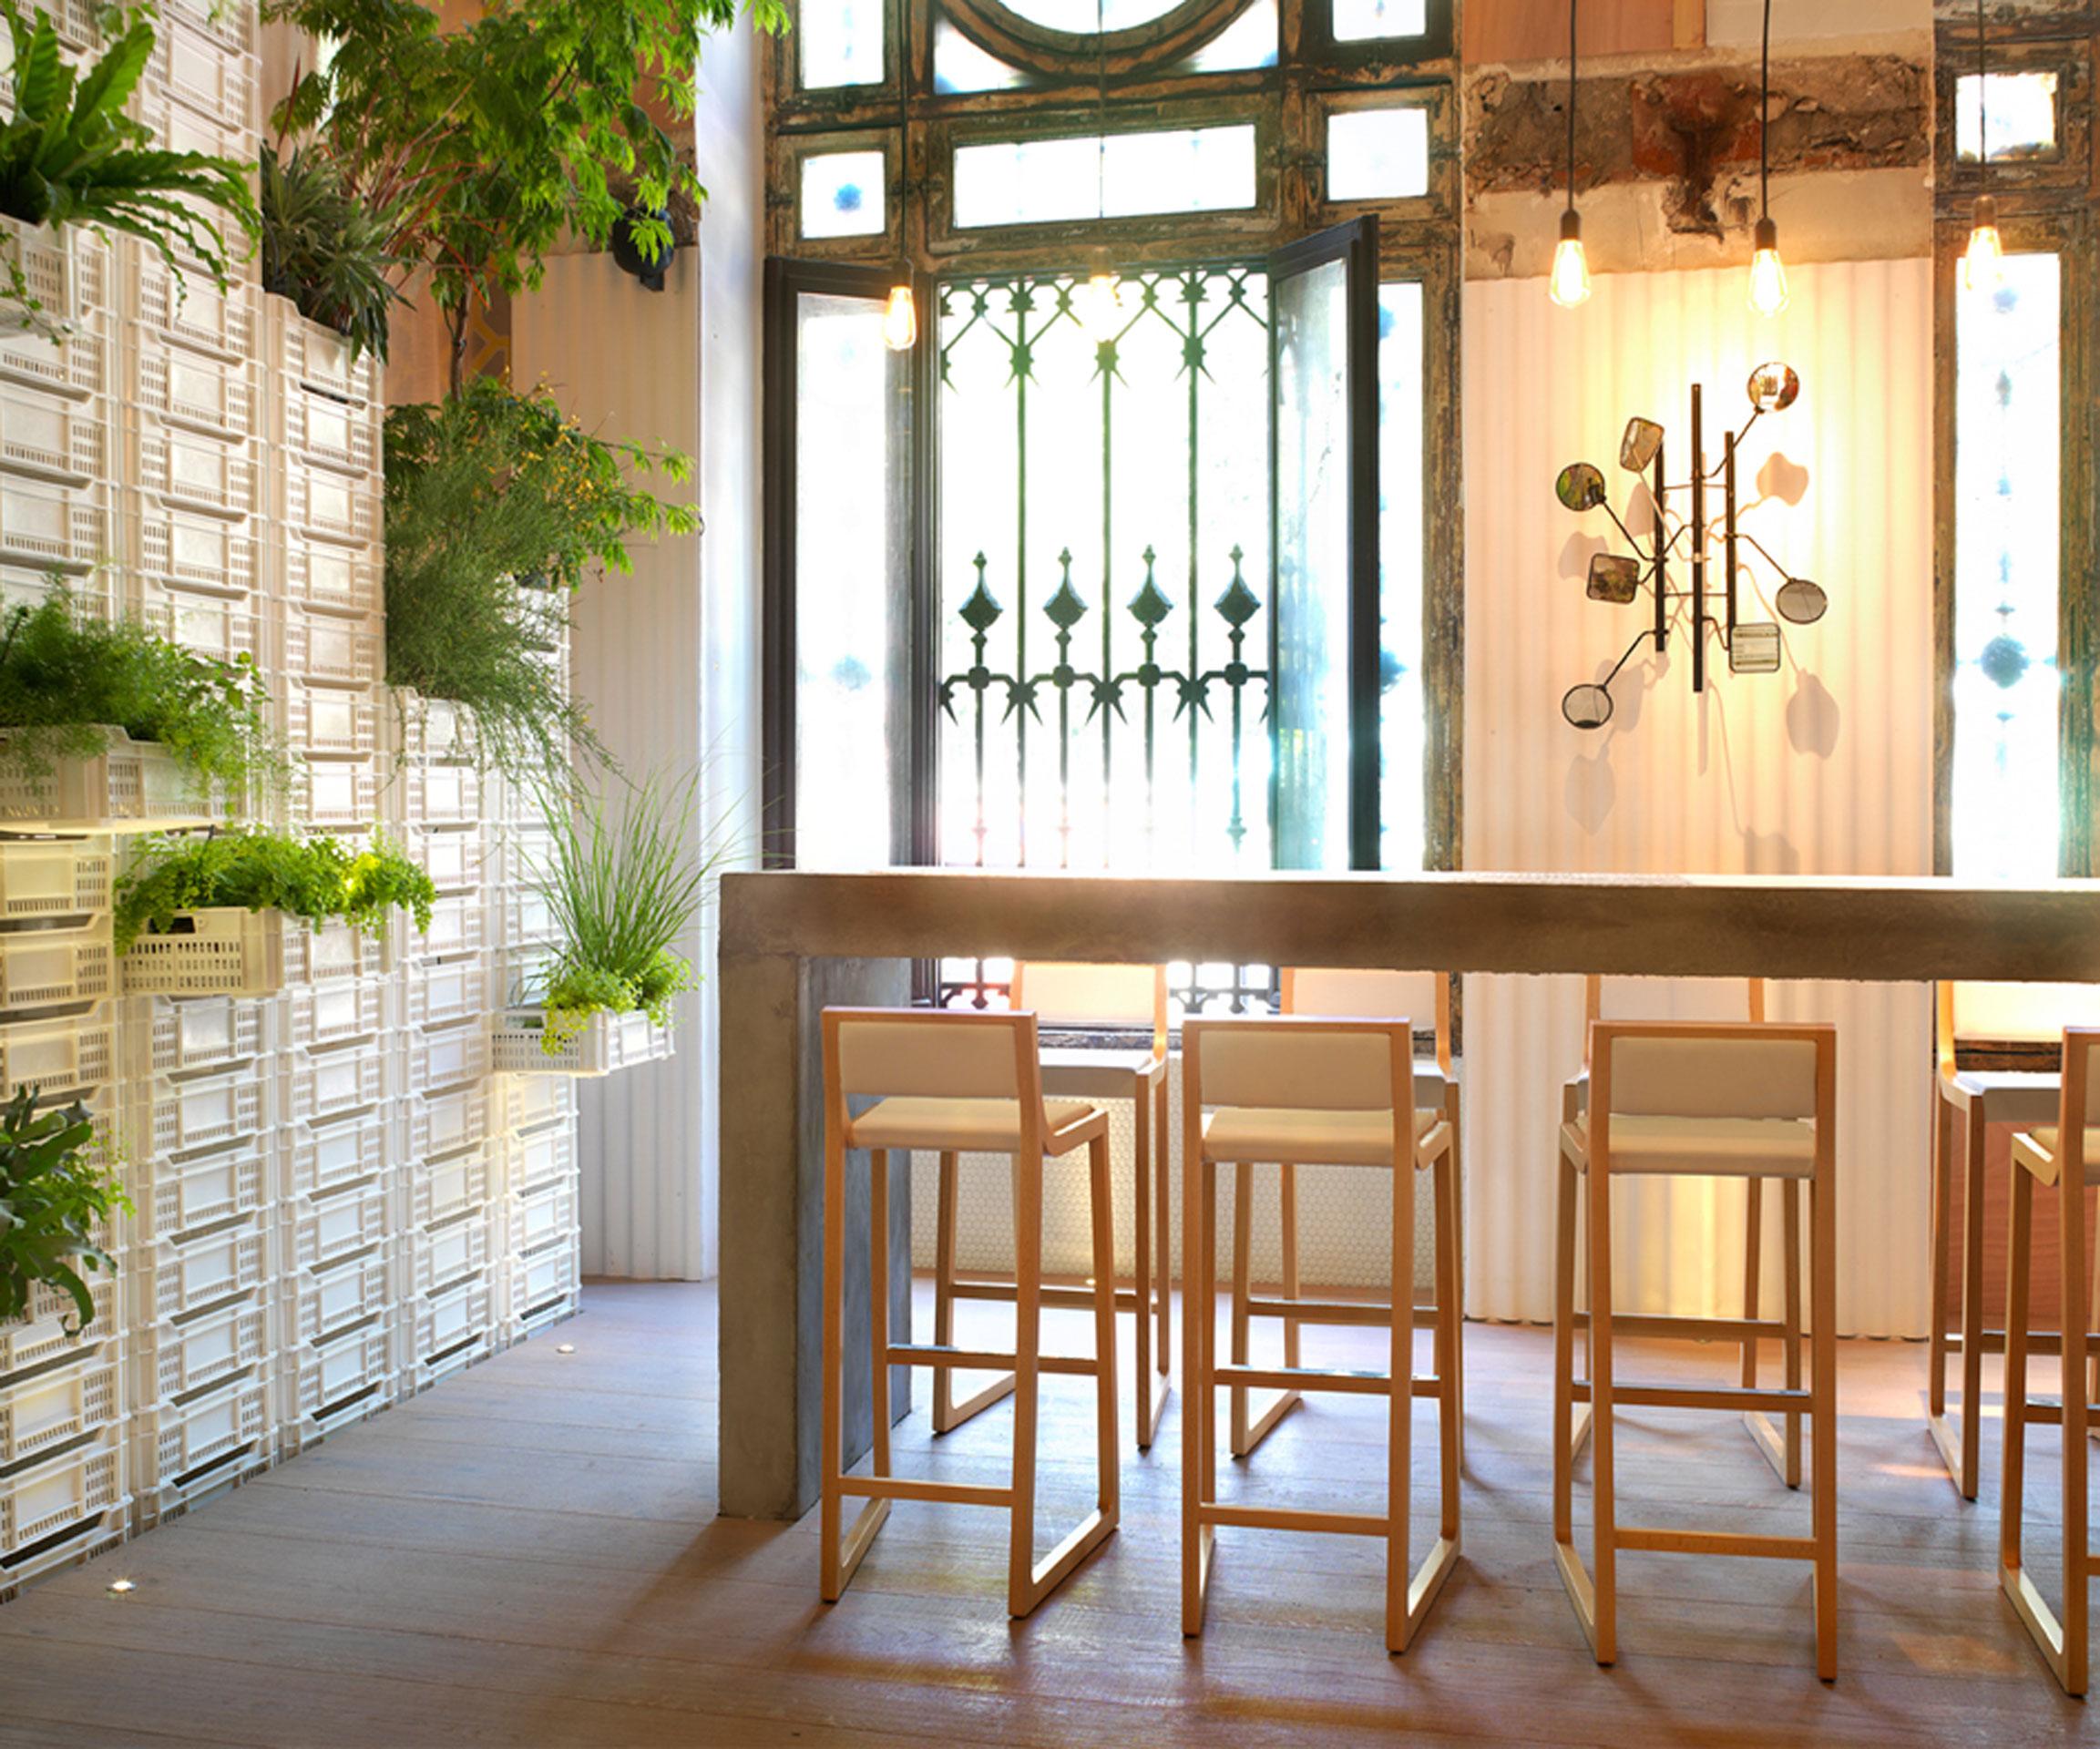 Nuevo-Estilo-Septiembre-2012-guia-de-estilo-especial-Casa-decor-(1).jpg